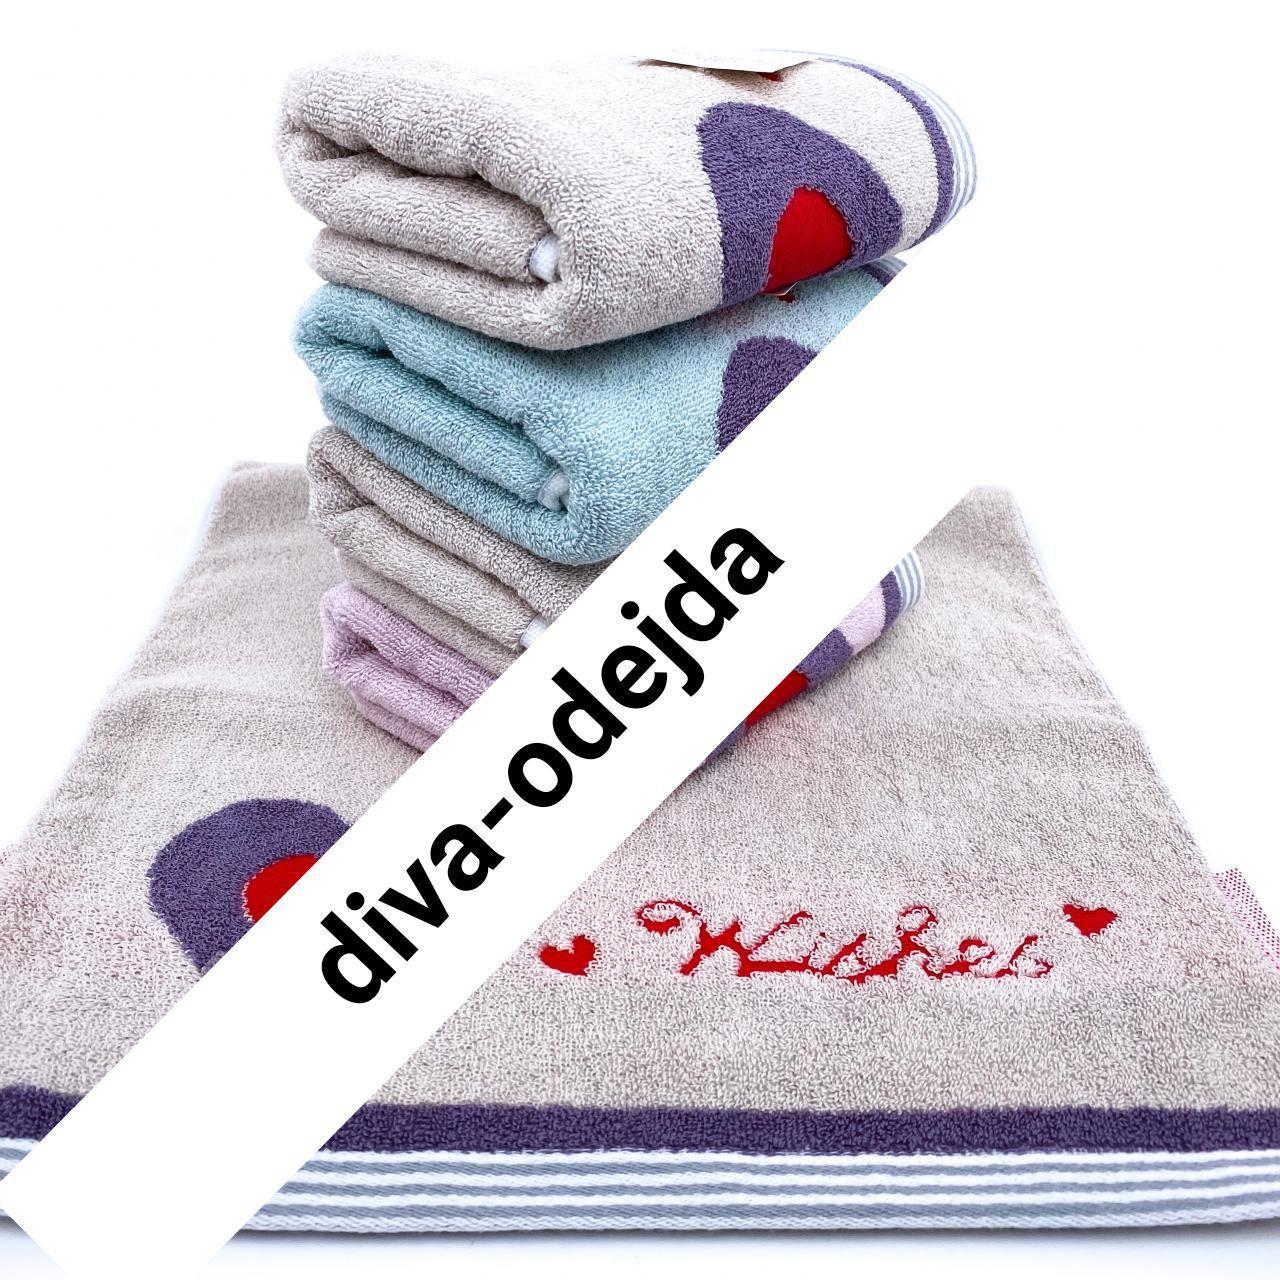 Качественное кухонное полотенце с сердечками.Размер :0,35 x 0,75